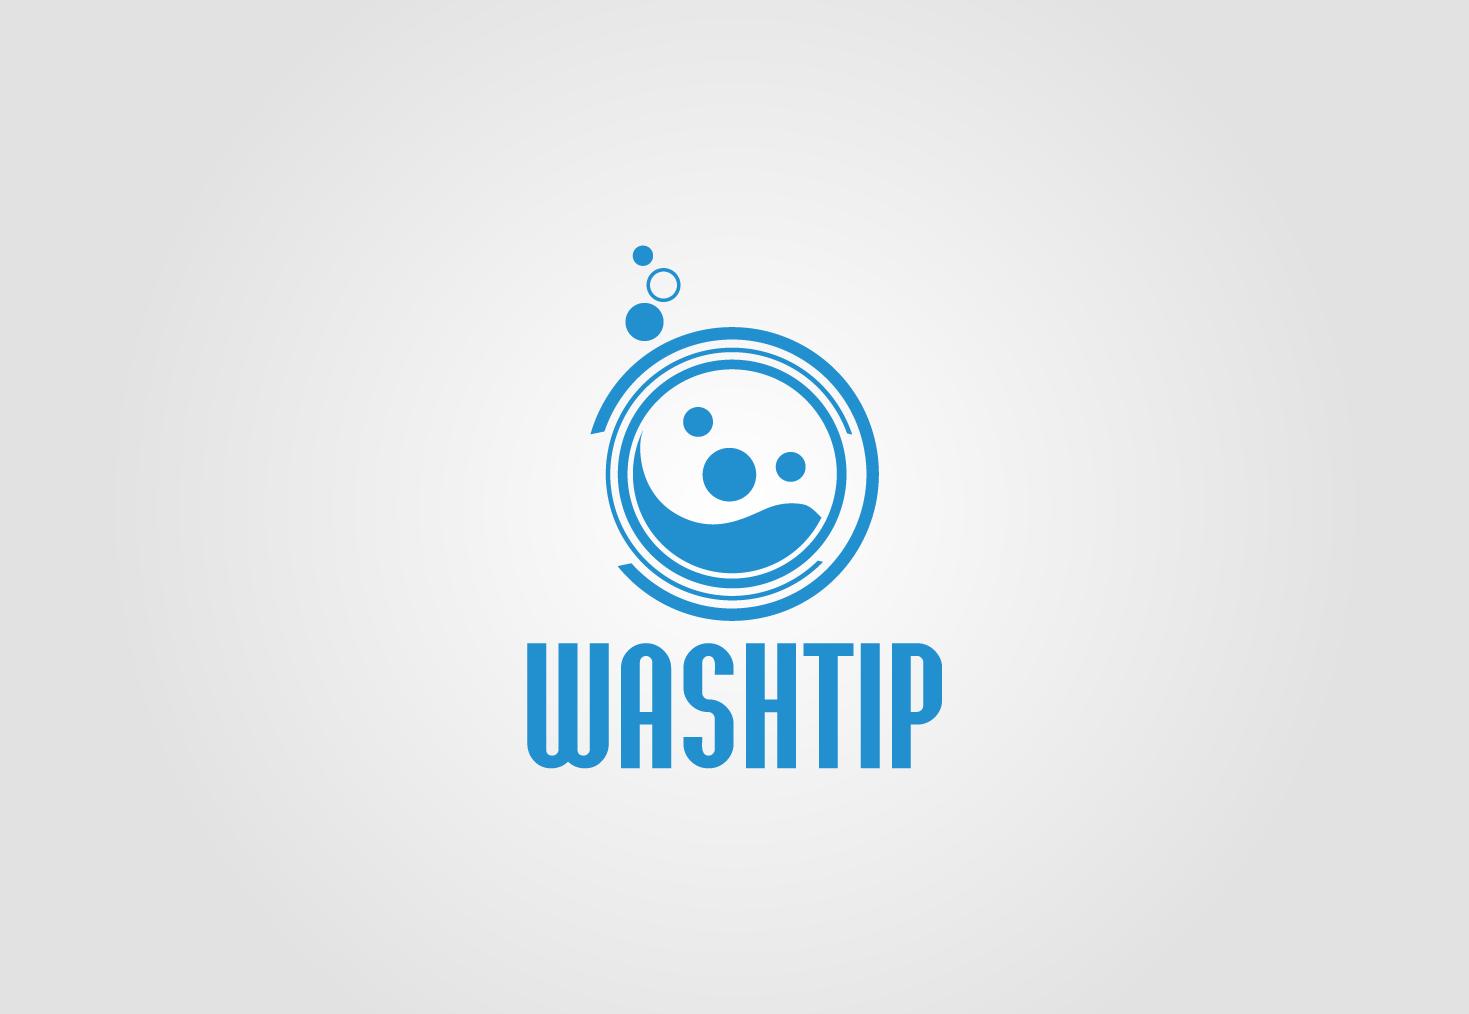 Разработка логотипа для онлайн-сервиса химчистки фото f_2315c07850e4e8d4.png